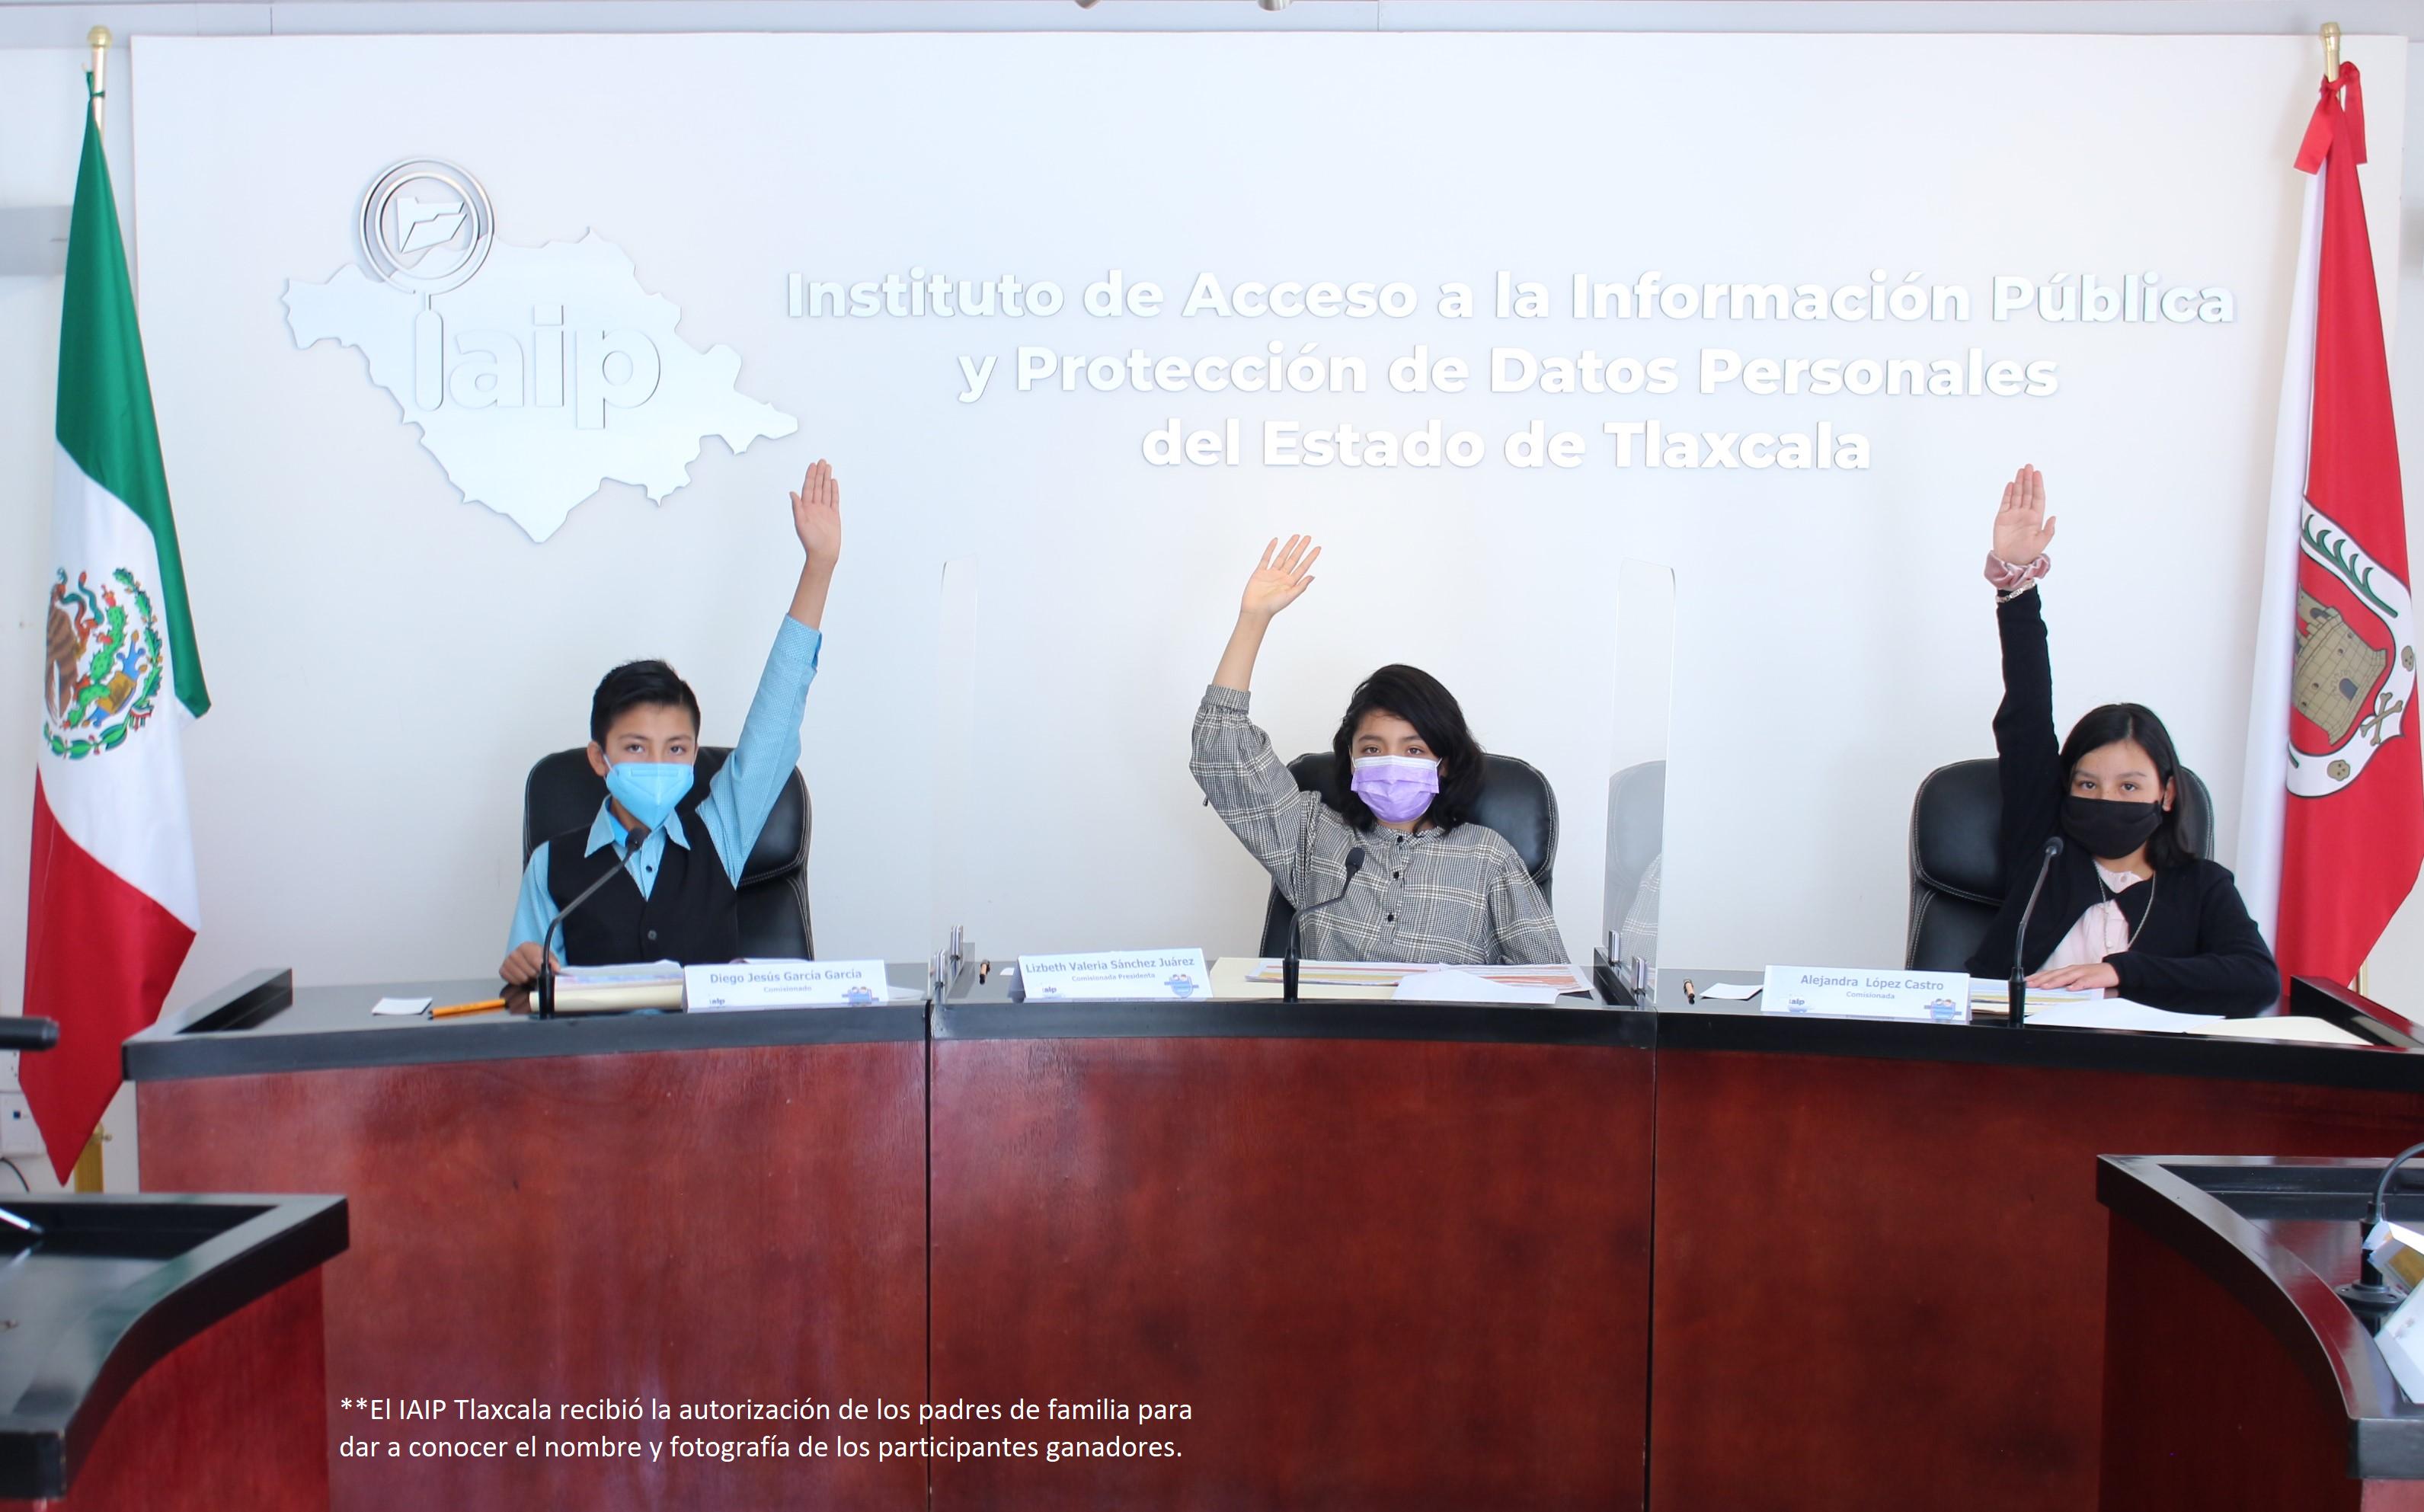 Comisionados Infantiles del IAIP urgen a la niñez a proteger Datos Personales